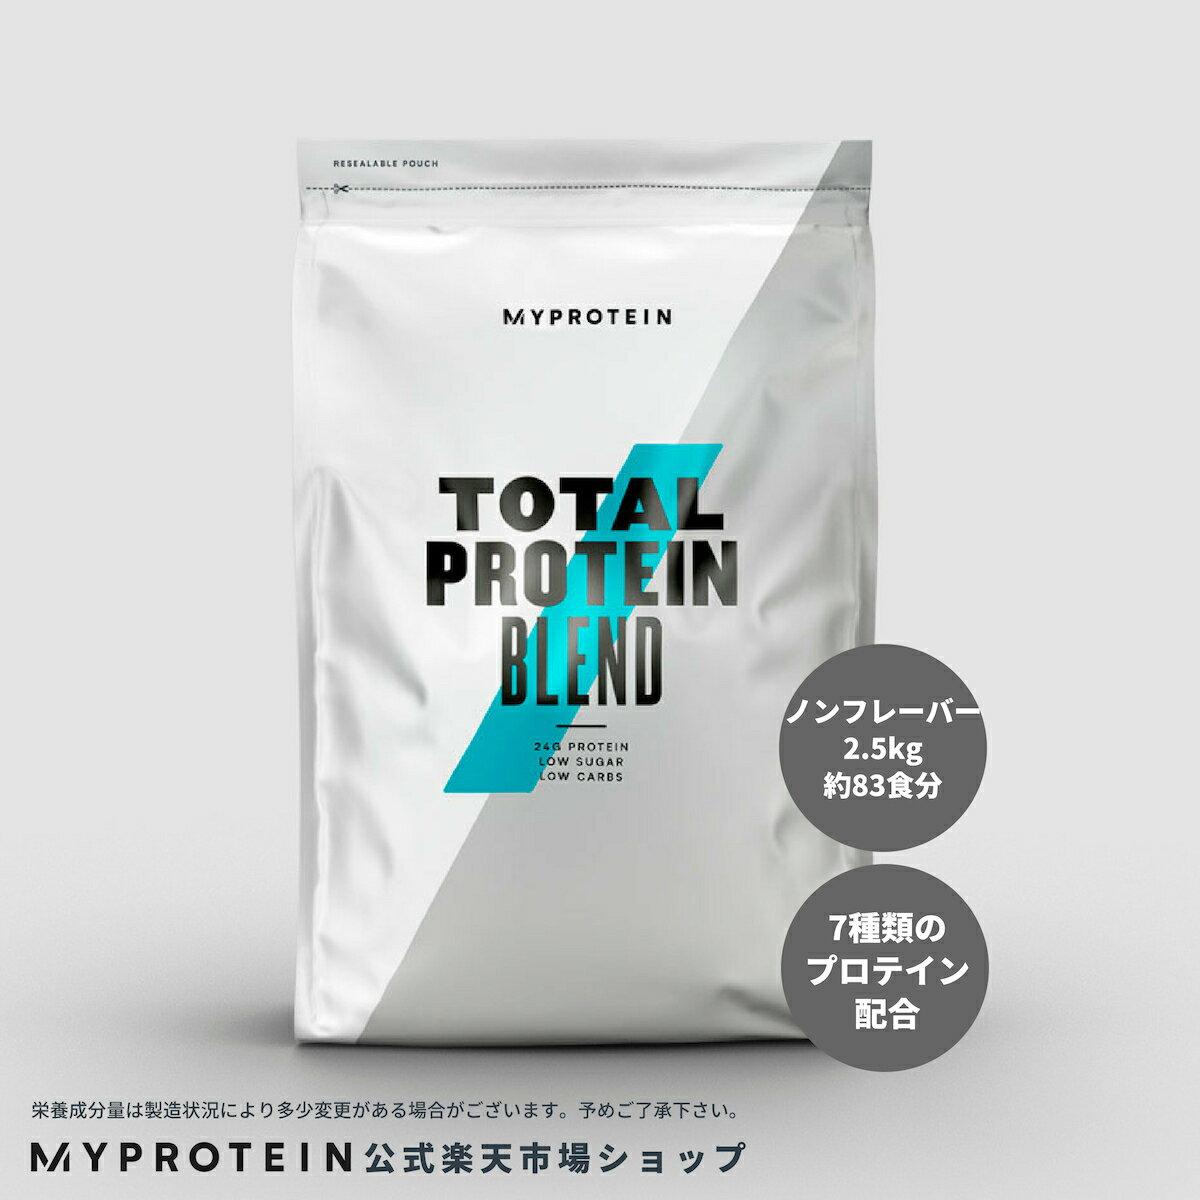 マイプロテイン 公式 【MyProtein】 トータルプロテイン 2.5kg 約83食分(ノンフレーバー)| プロテイン ホエイ ホエイプロテイン カゼインプロテイン カゼイン カルシウム バルクアップ ボディーメイク 糖質制限【楽天海外直送】